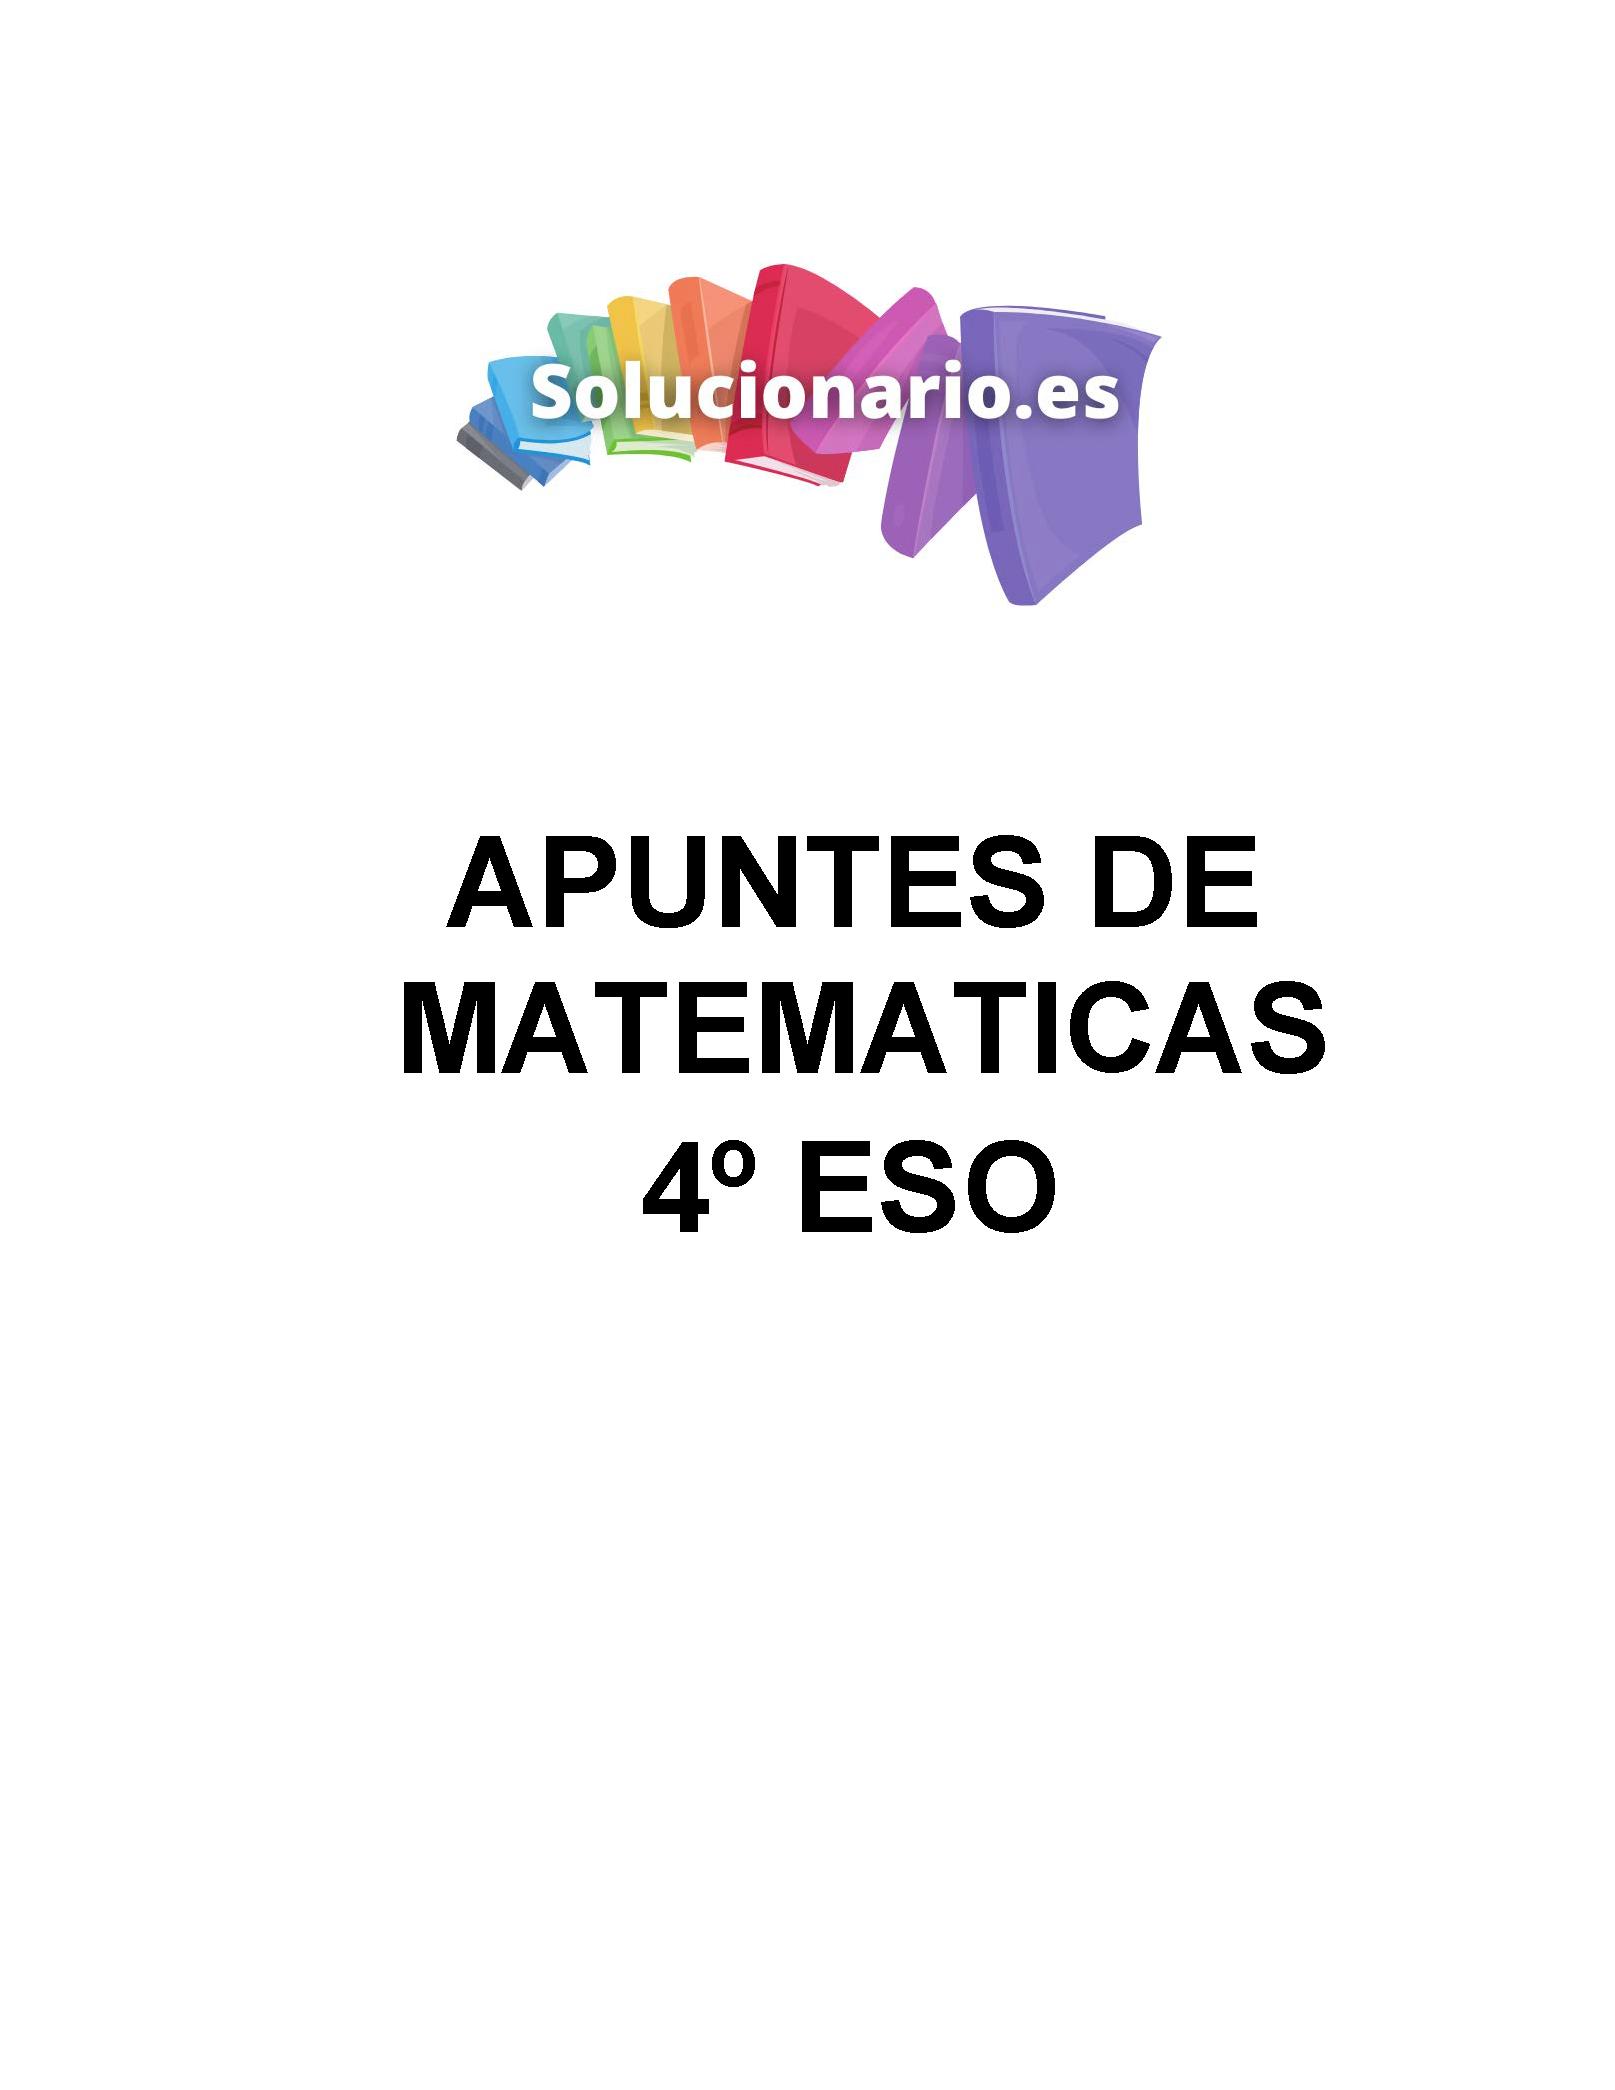 Apuntes Matemáticas Combinatoria 4 ESO 2020 / 2021